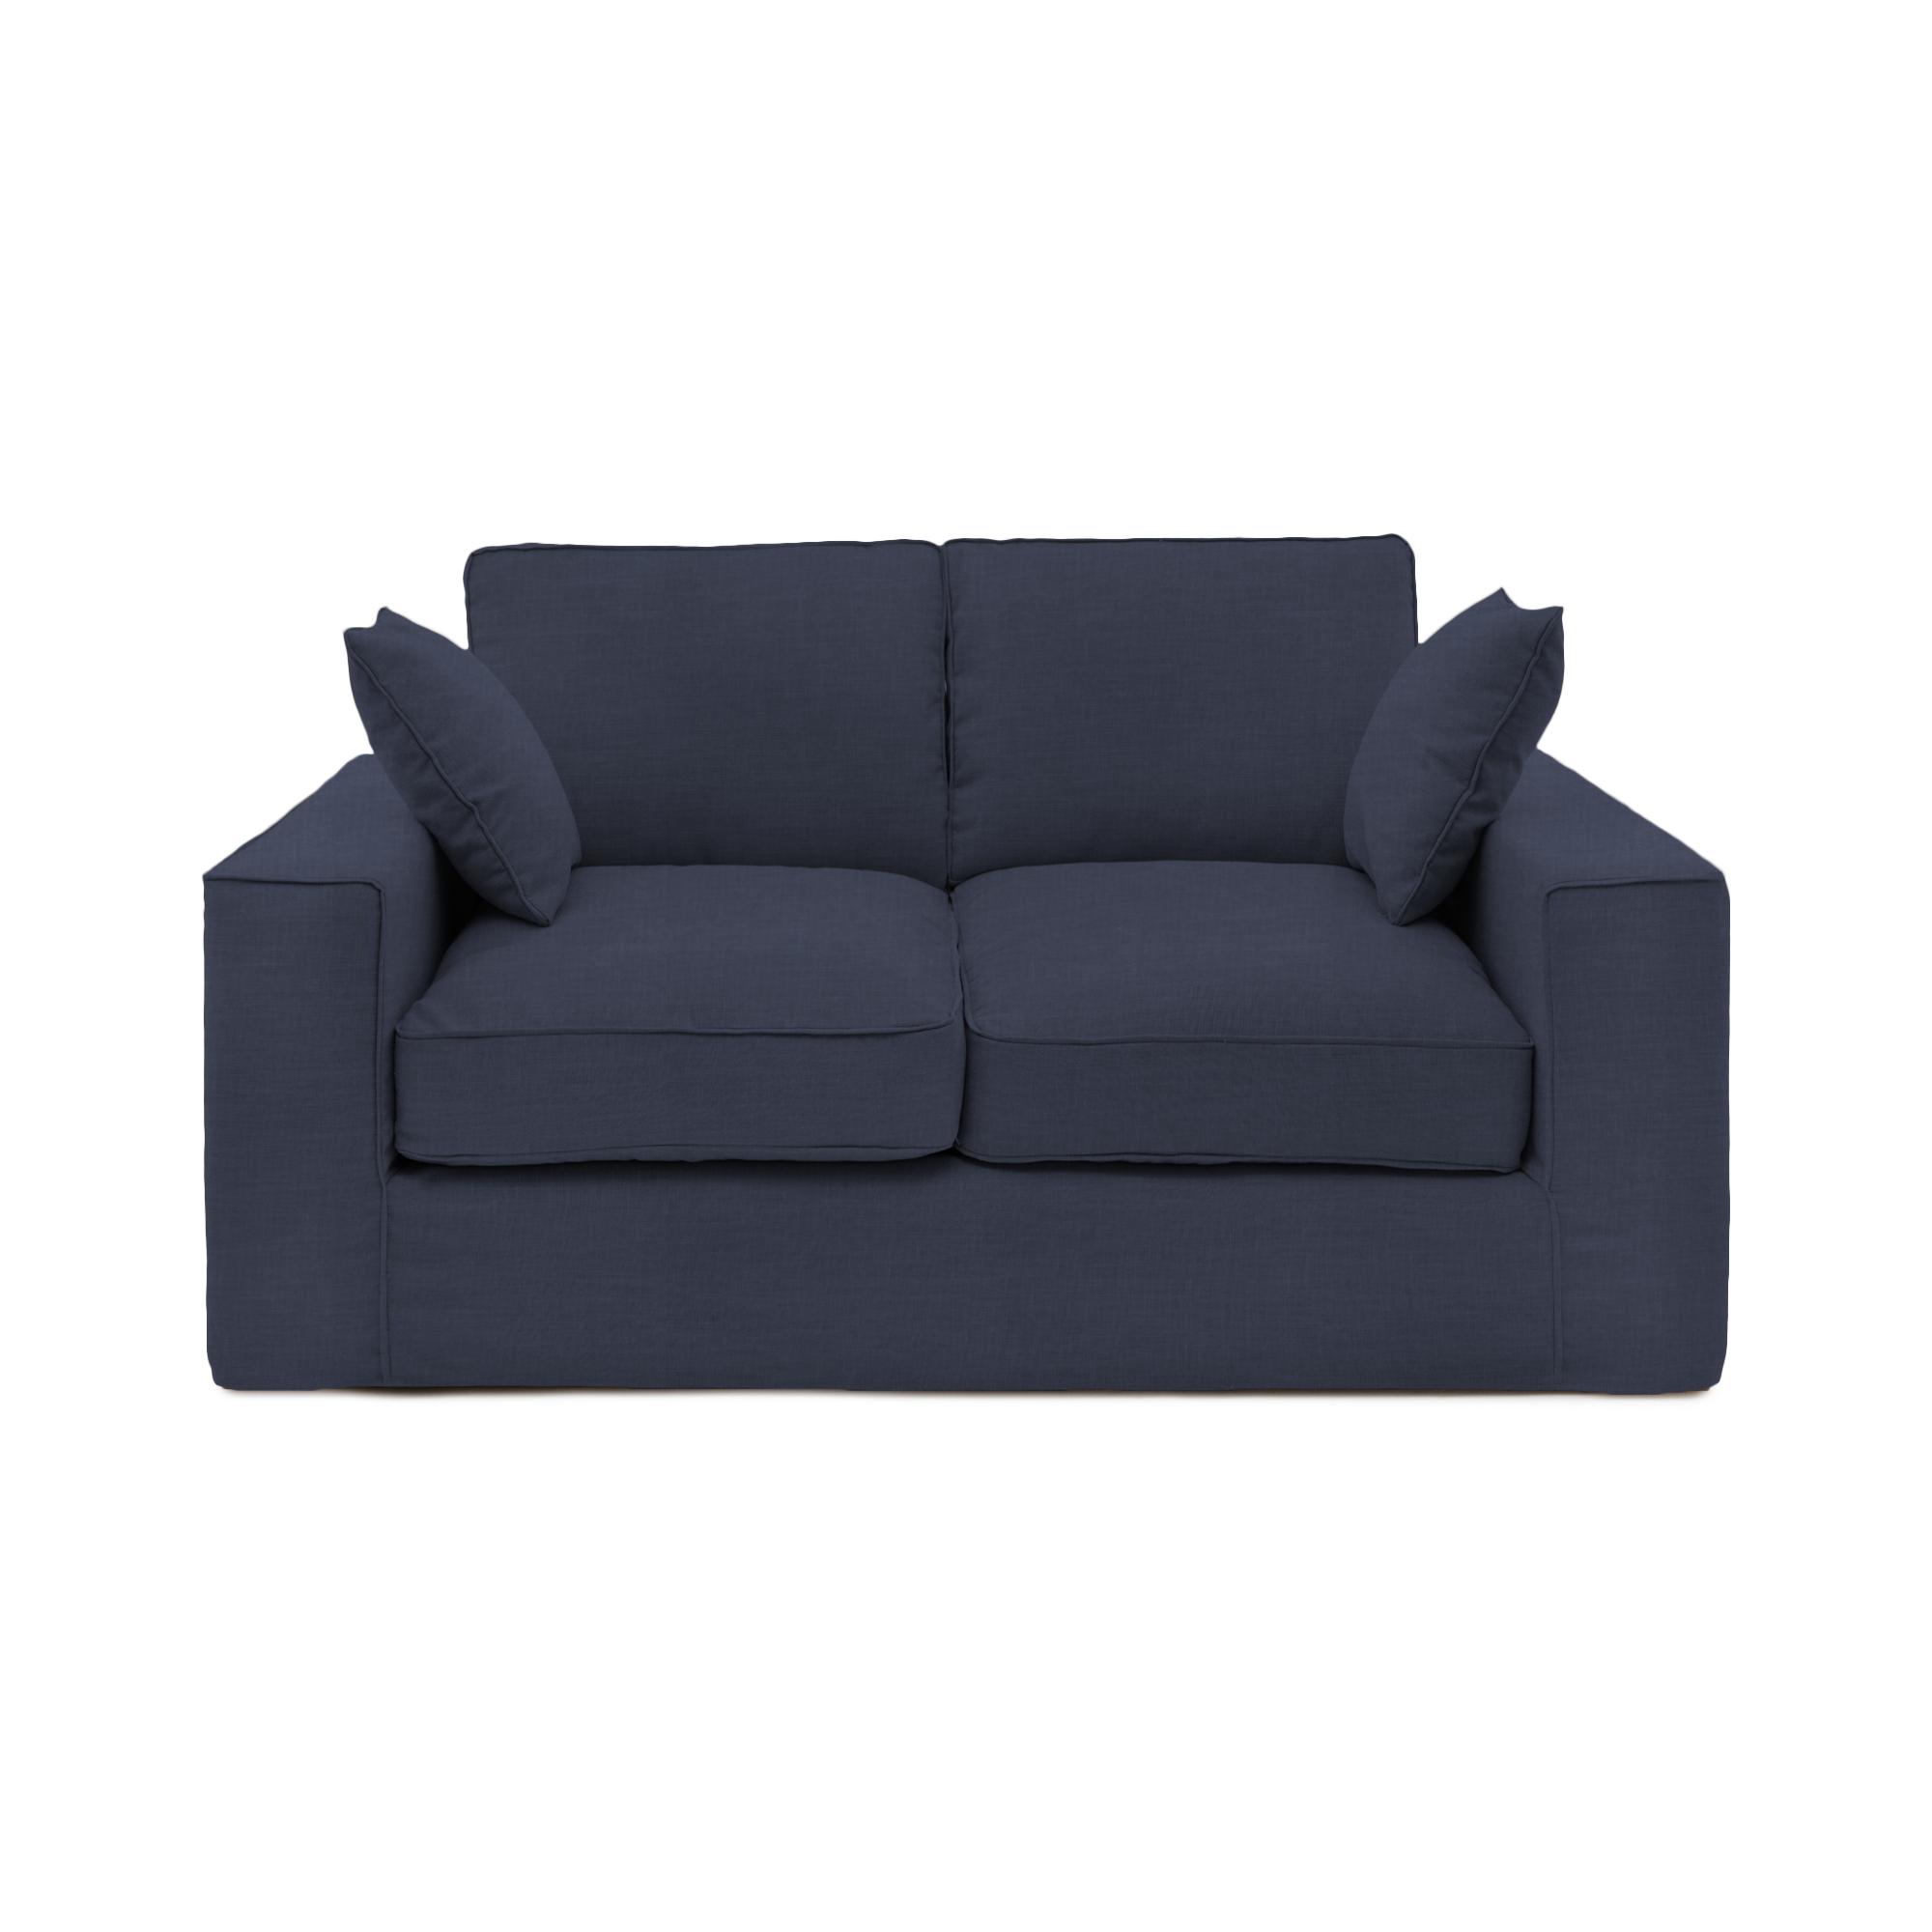 Canapea Fixa 2 locuri Jane Marine Blue